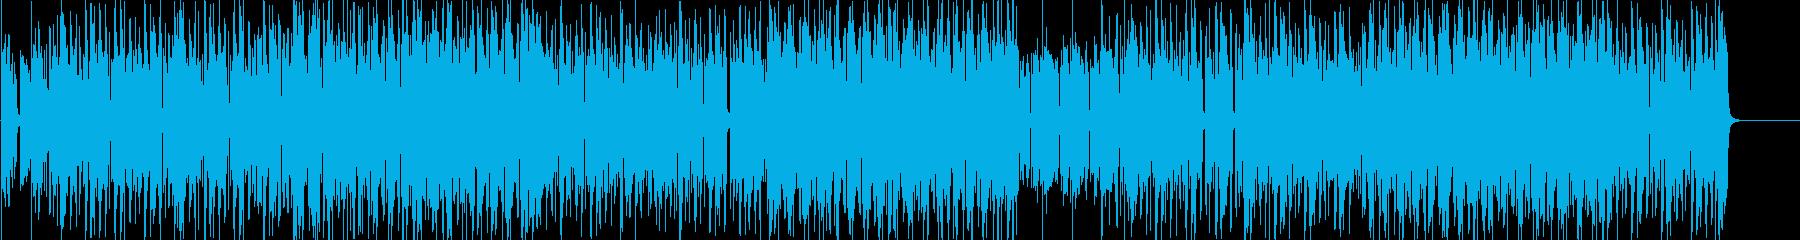 冷静になる。グルーヴスローファンク...の再生済みの波形